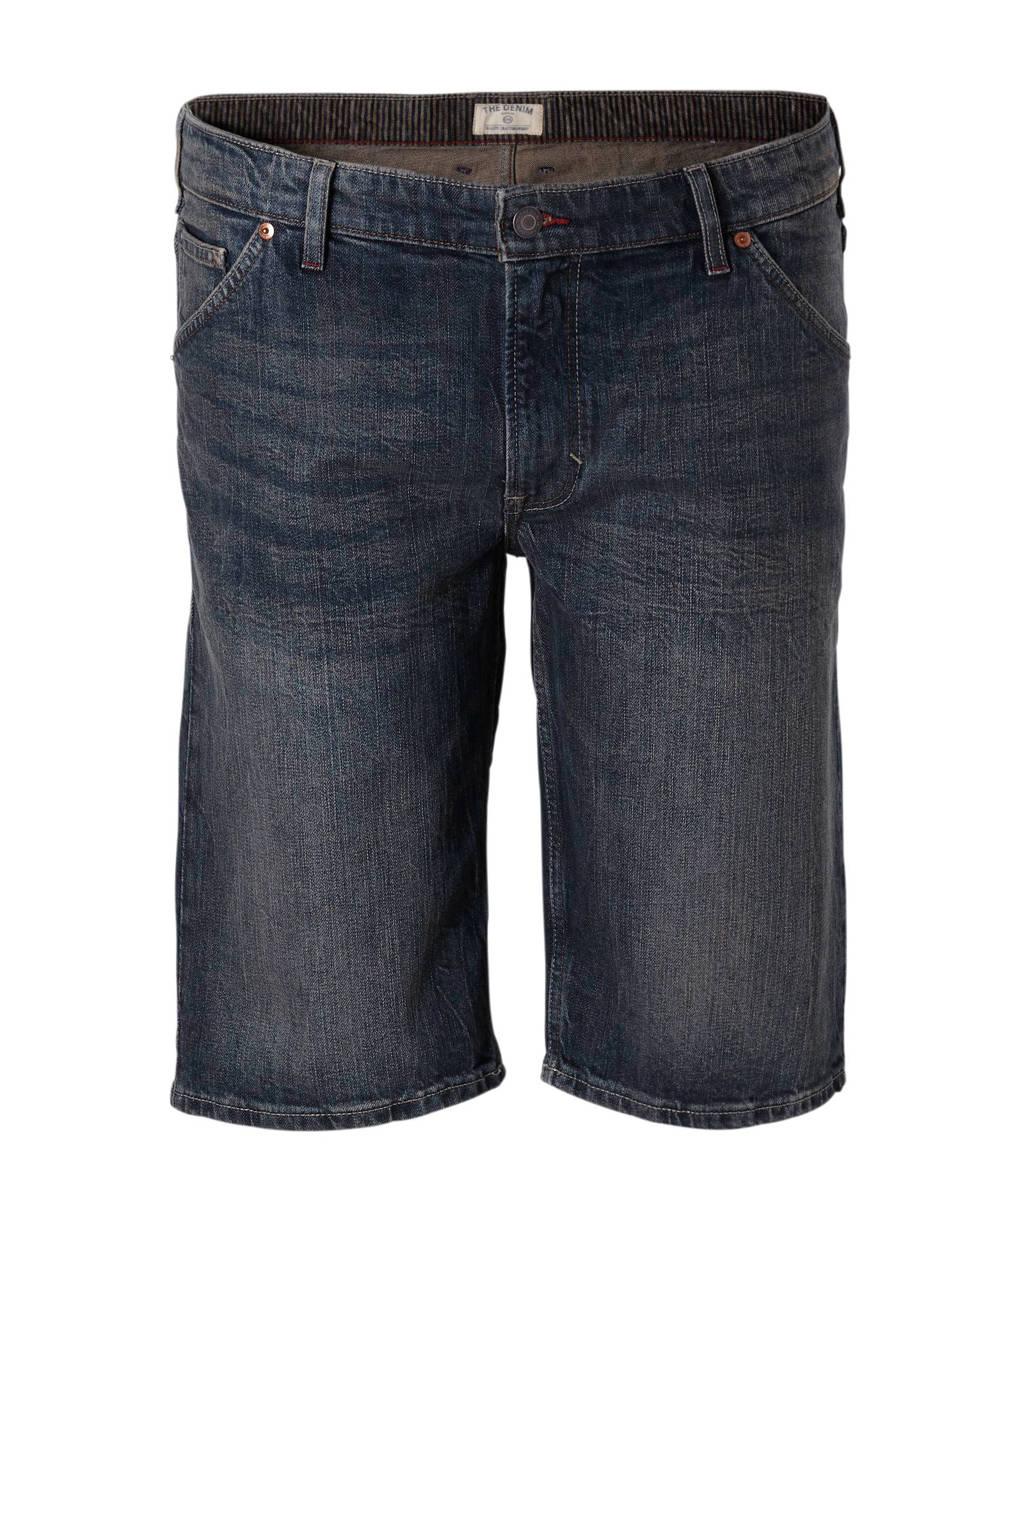 C&A Heren XL regular fit jeans short, Blauw